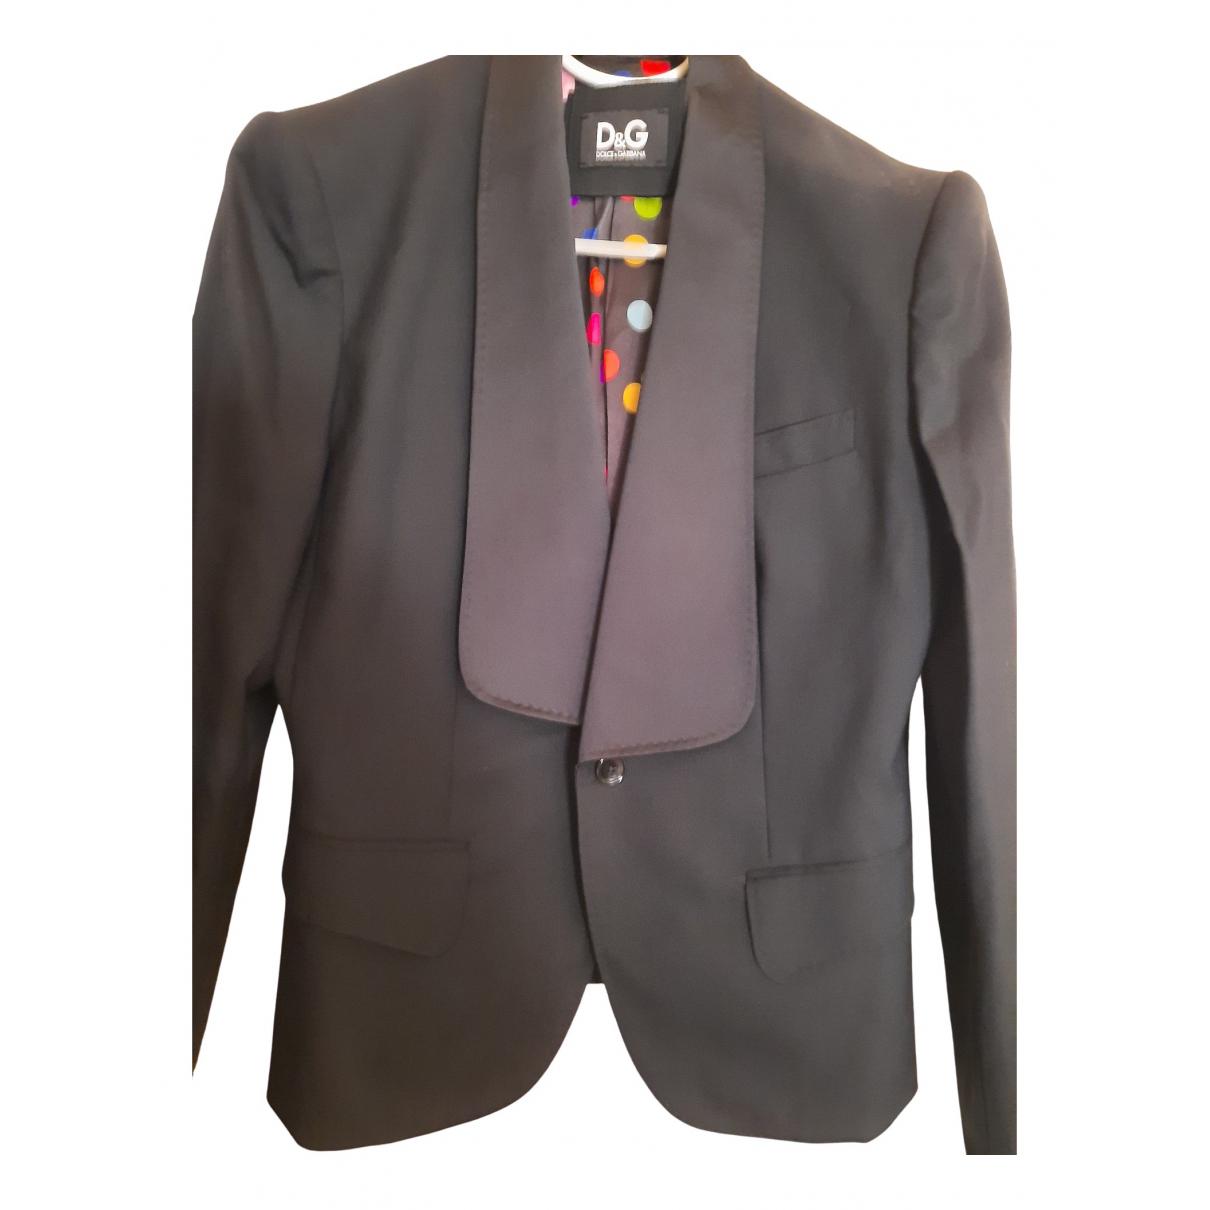 D&g \N Black Wool jacket for Women 46 IT